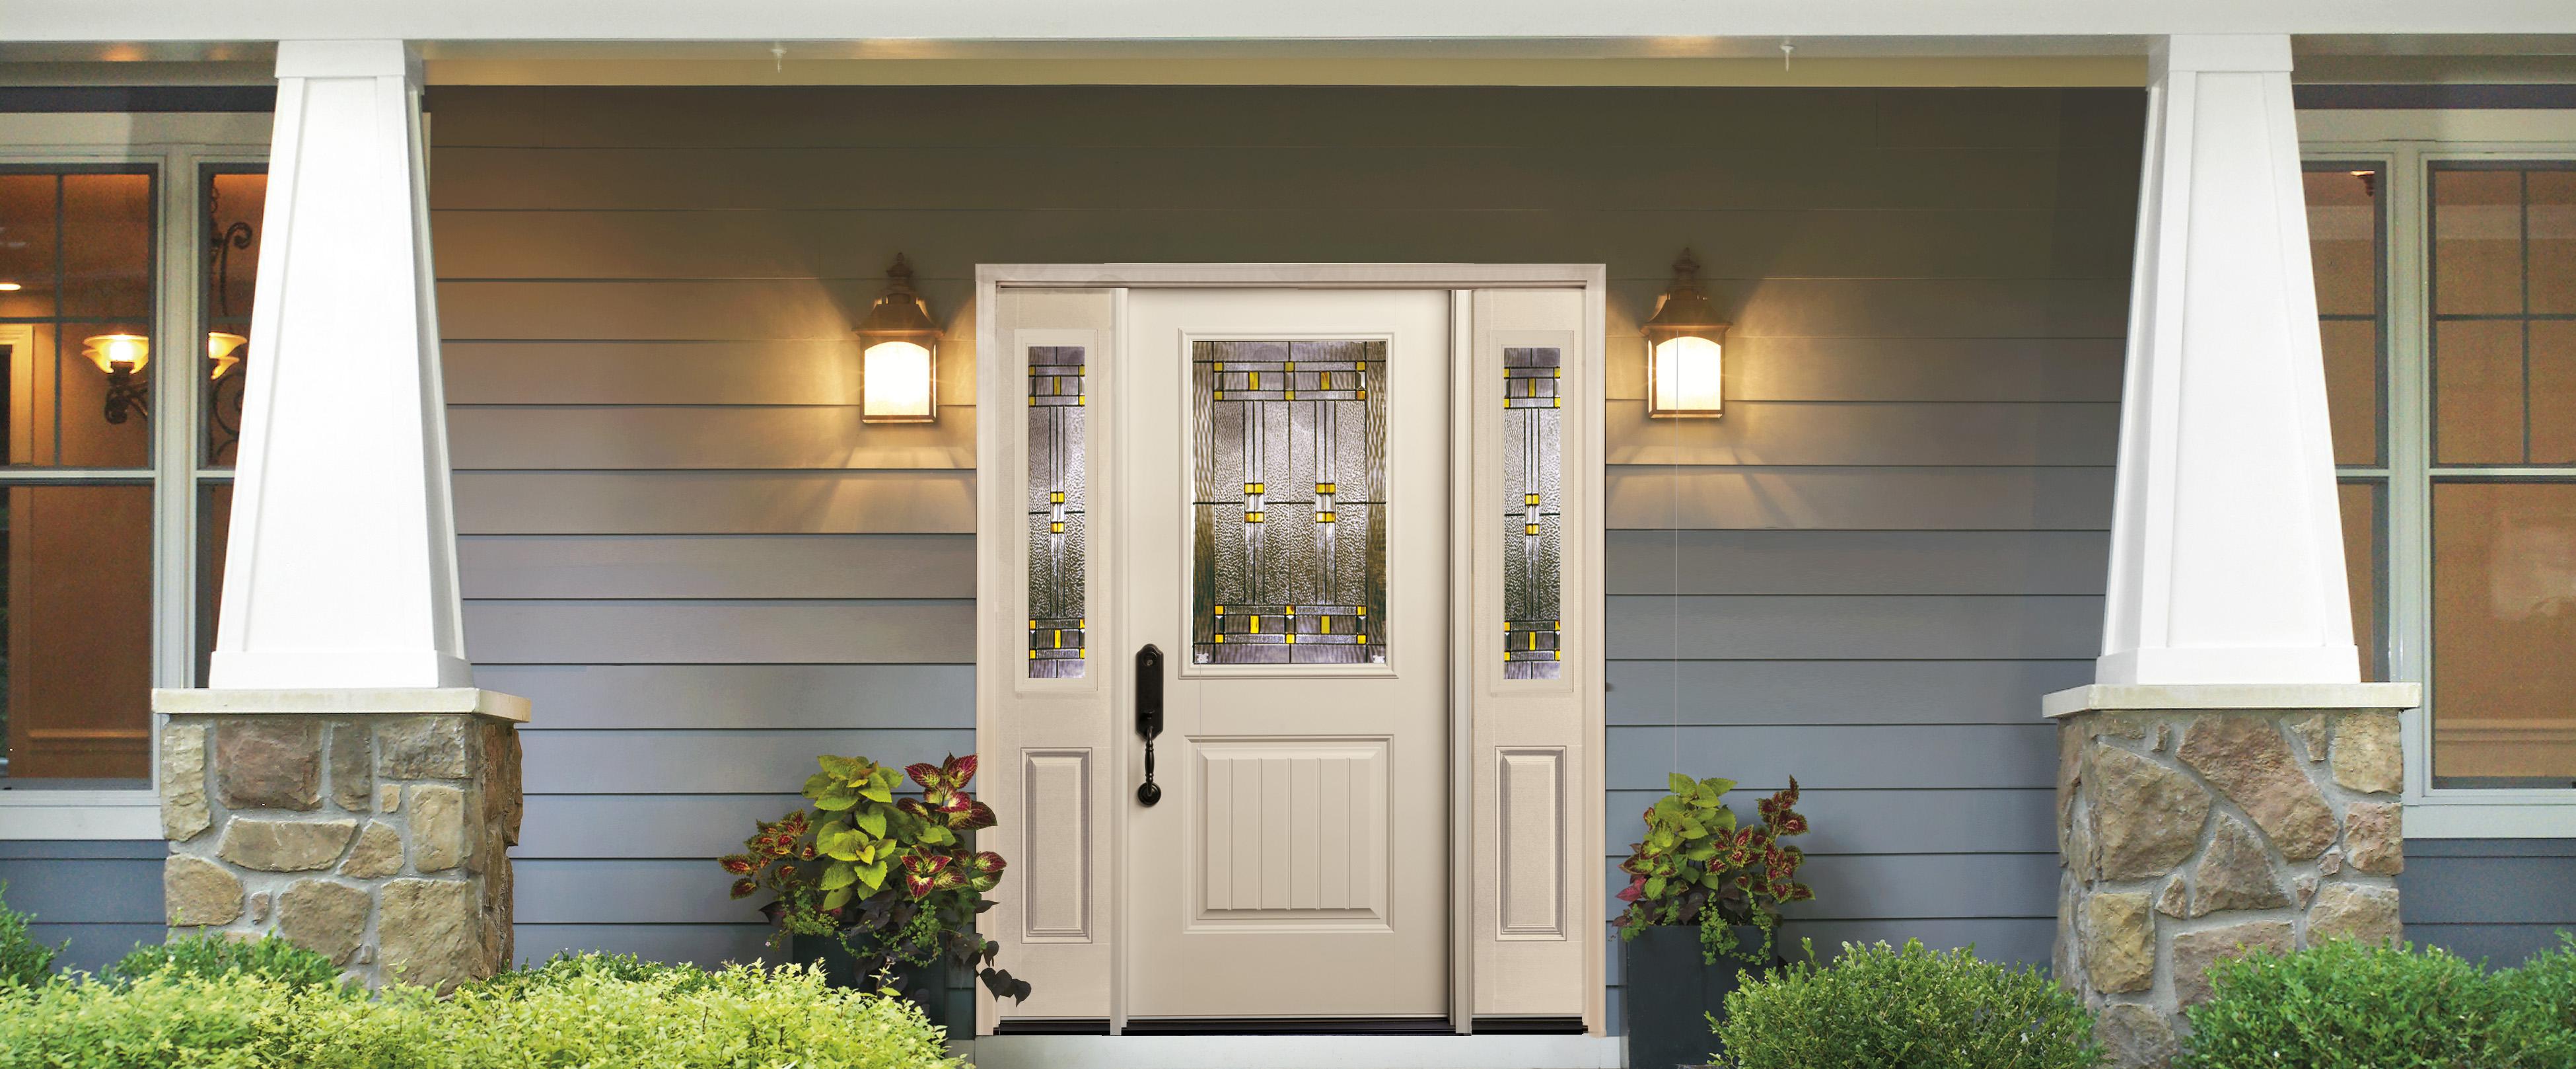 ENTRY DOORS & Clopay Passage Doors | Kamloops BC | Anchor Door \u0026 Window